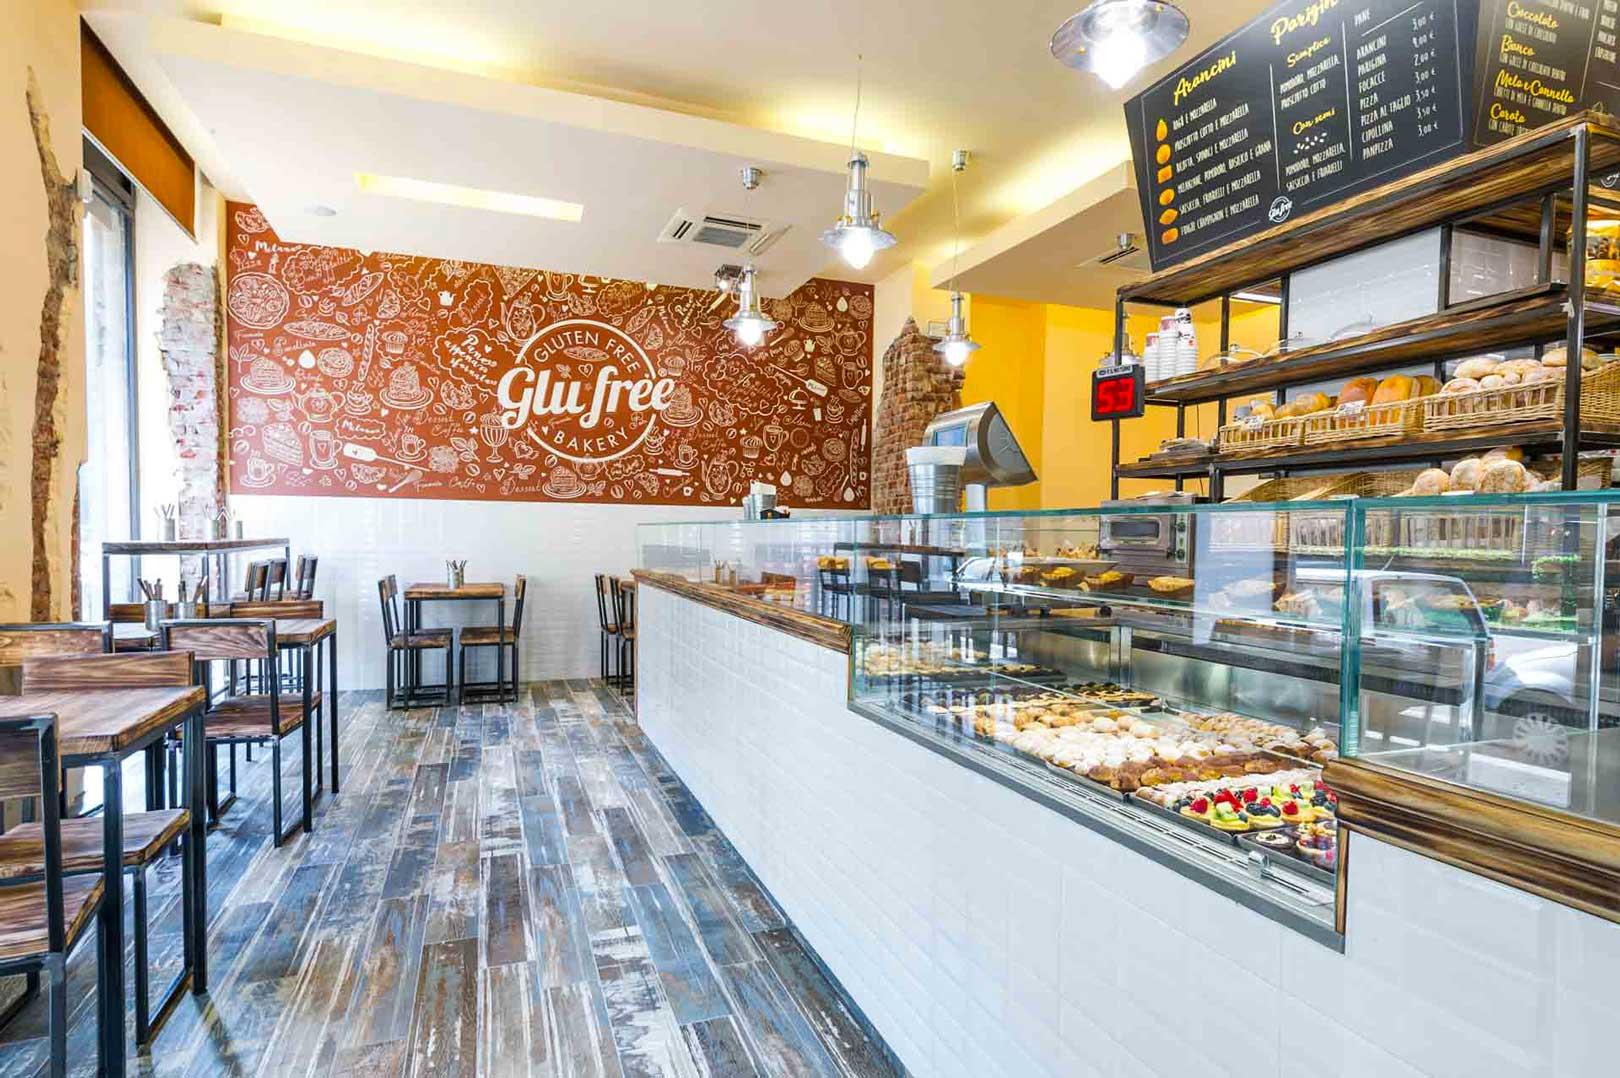 I migliori ristoranti senza glutine a Milano